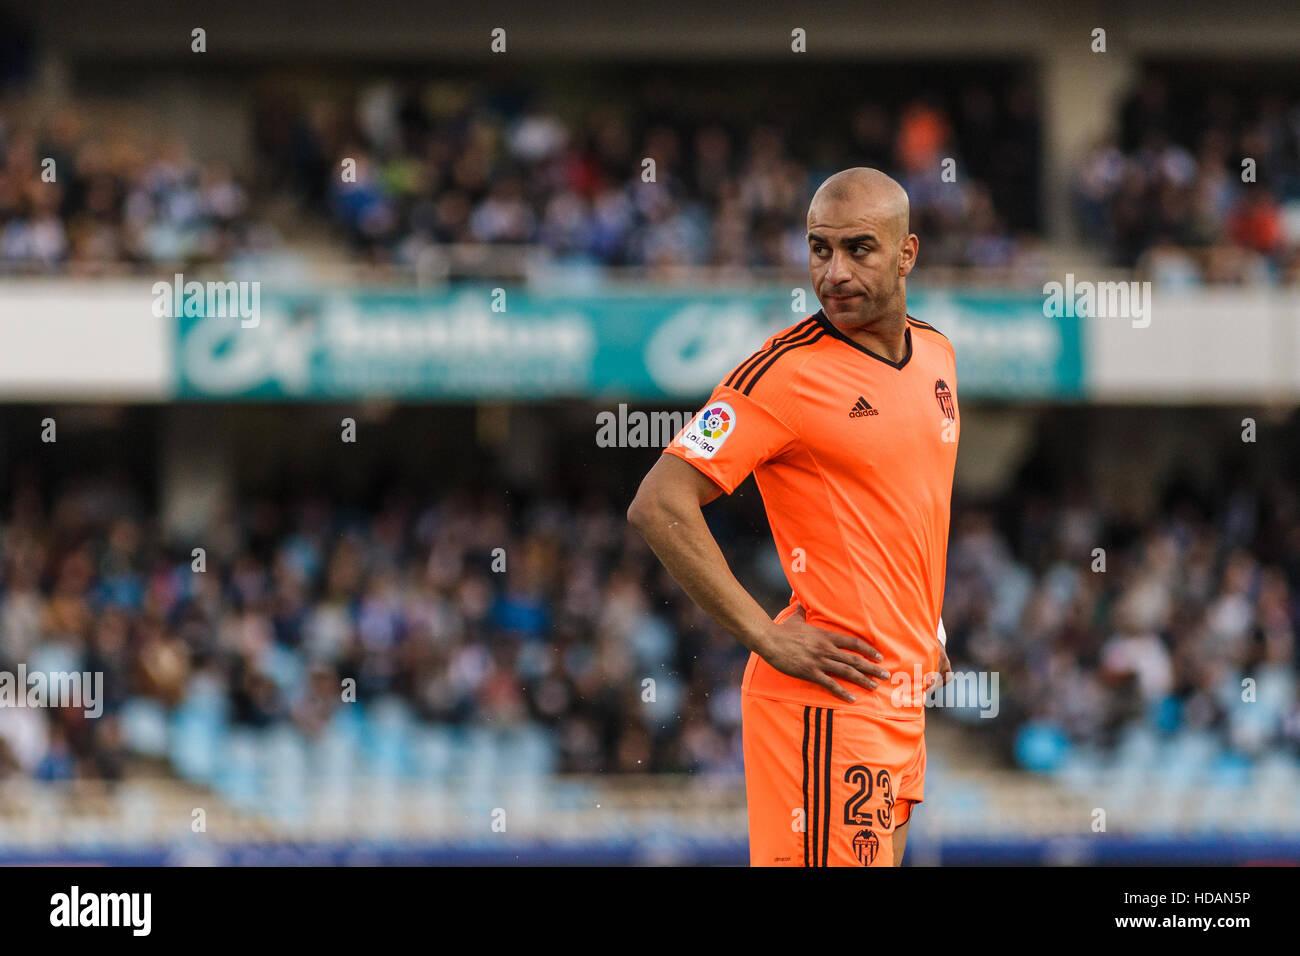 San Sebastian, Gipuzcoa, Spain. 10th December, 2016. Valencia defender Abdennour during the Liga Santander match - Stock Image